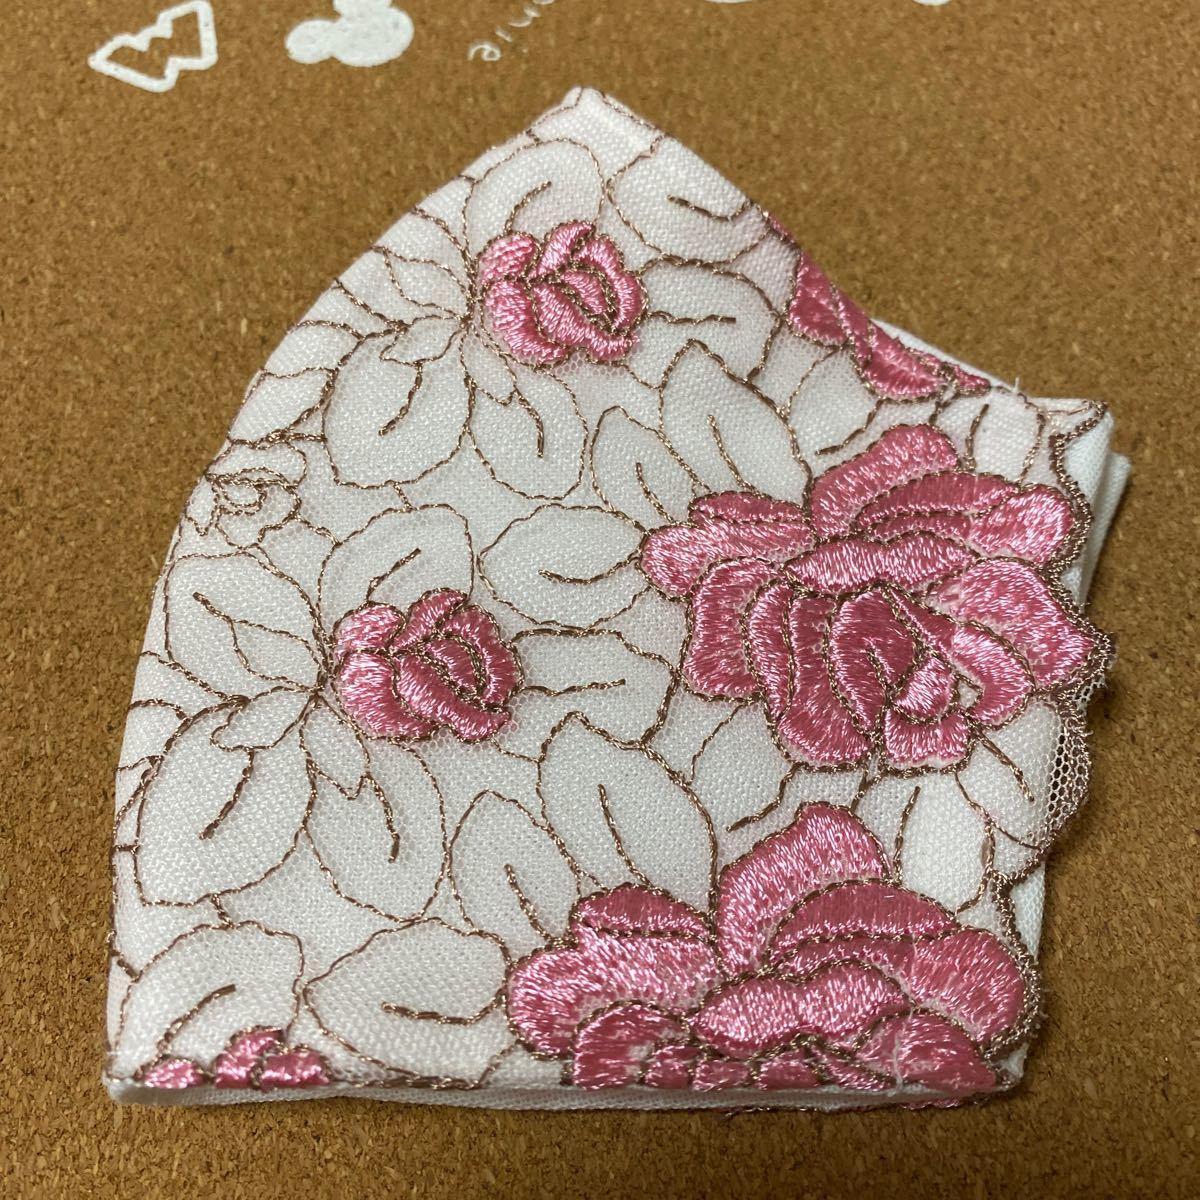 立体インナー★ハンドメイド★薔薇刺繍レース★K